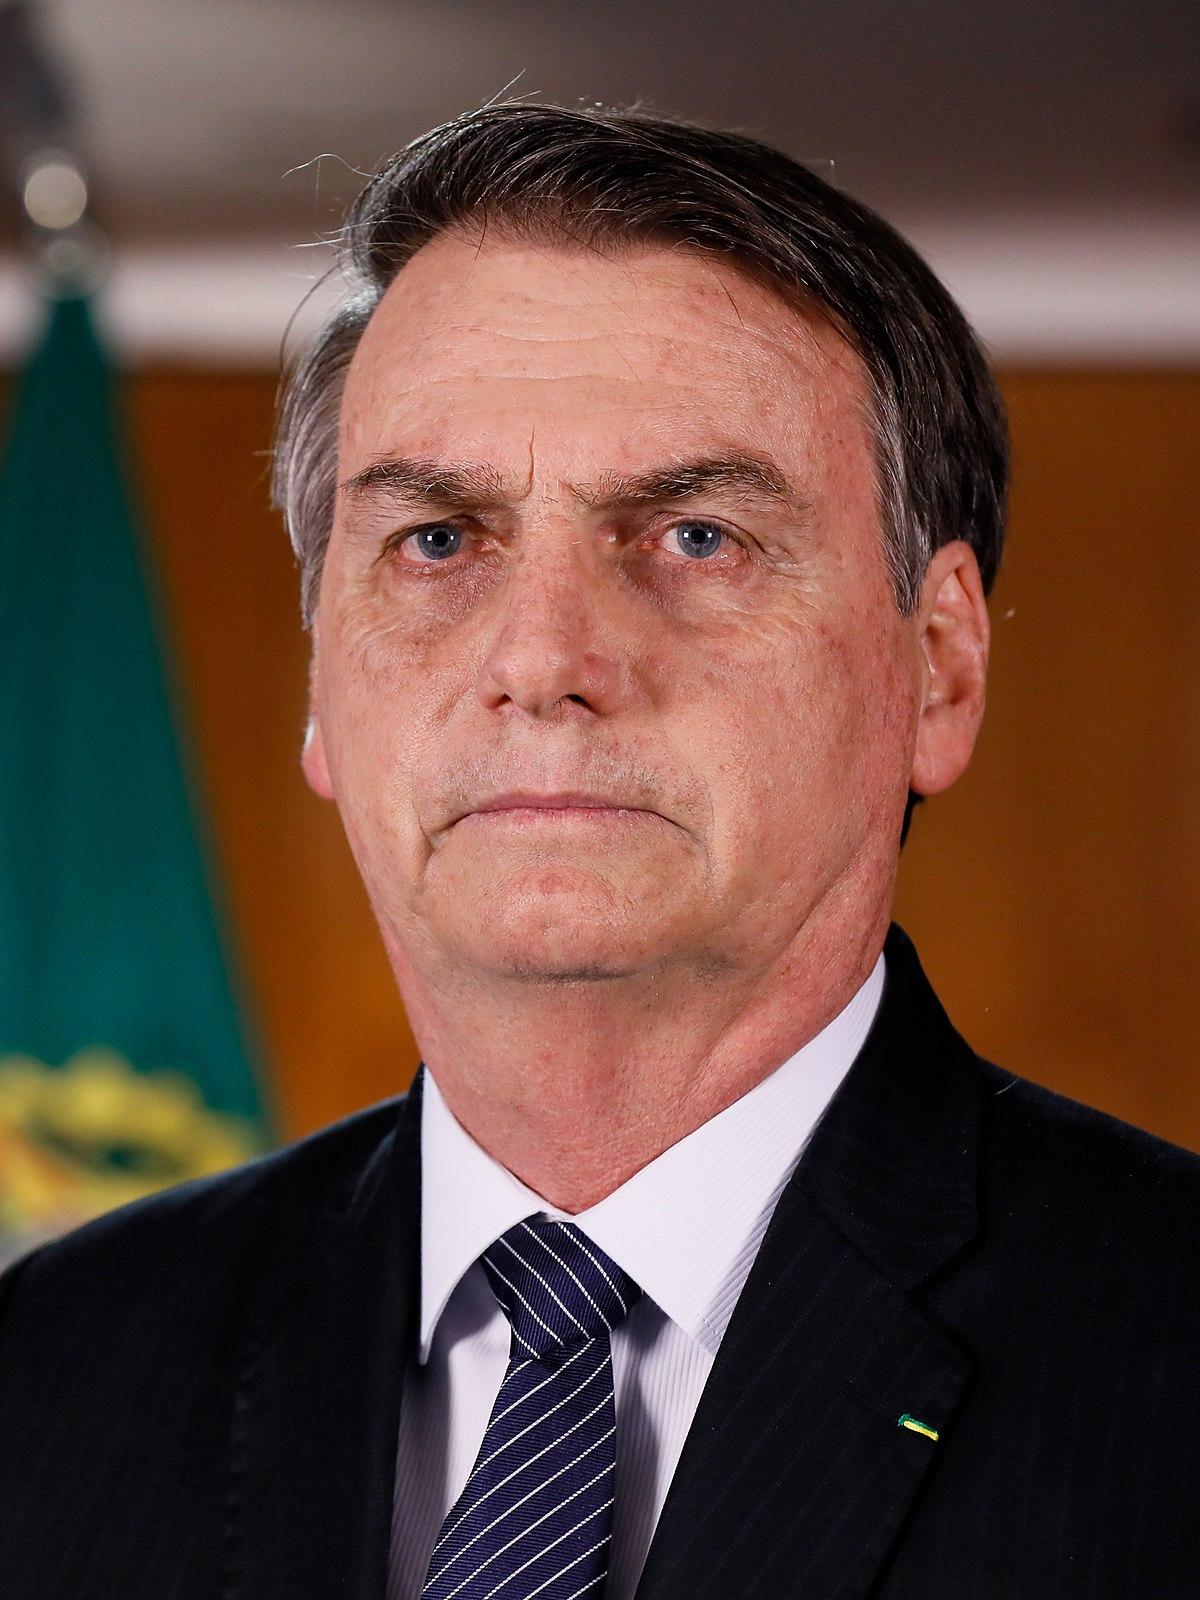 Jair Bolsonaro Wikipedia